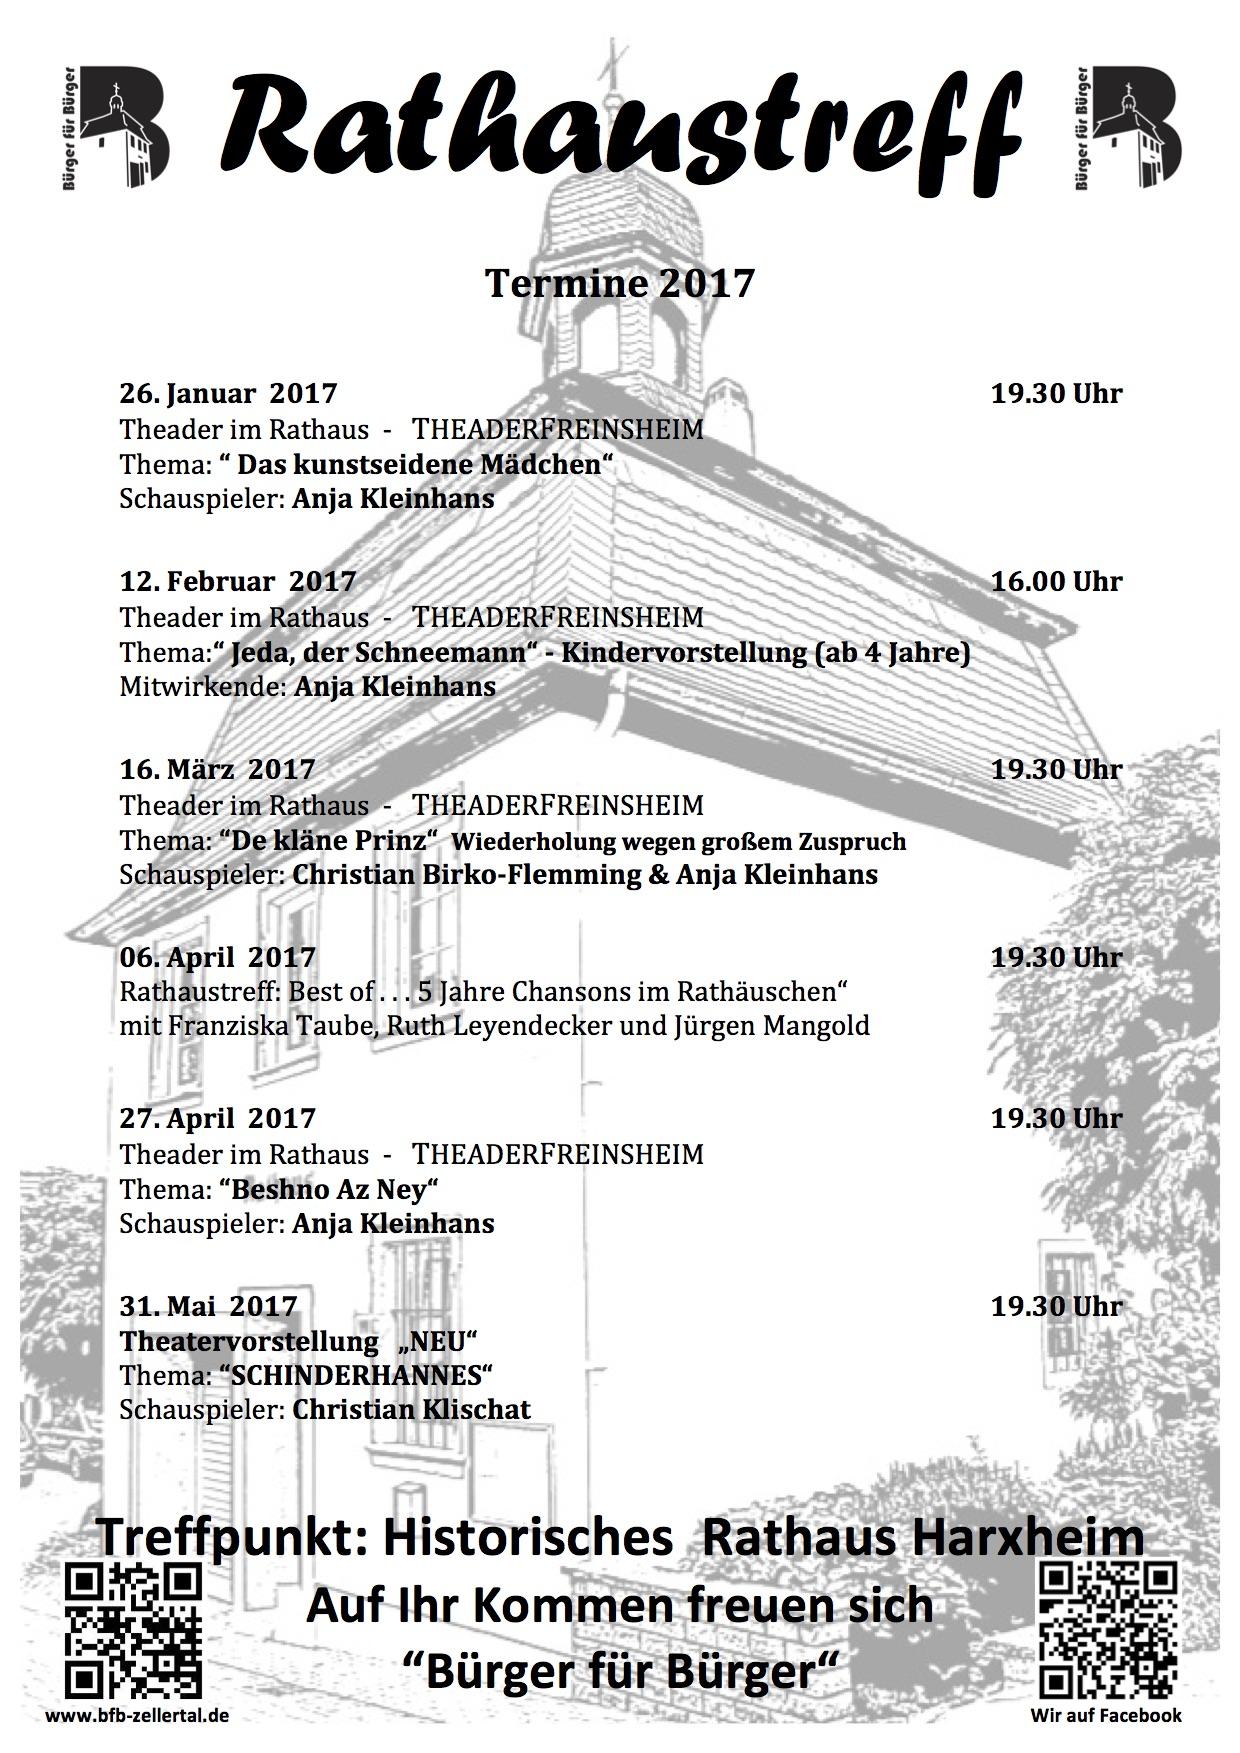 20170115 Termine 2017-1